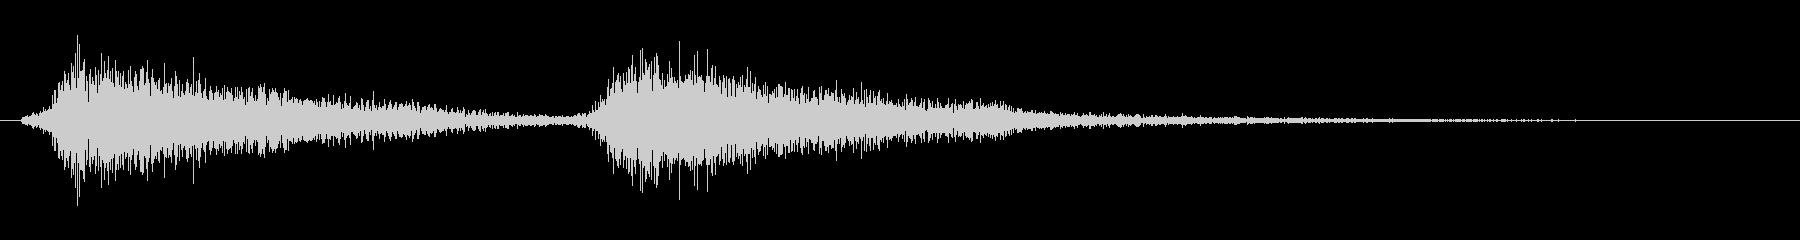 オケヒの効果音の未再生の波形